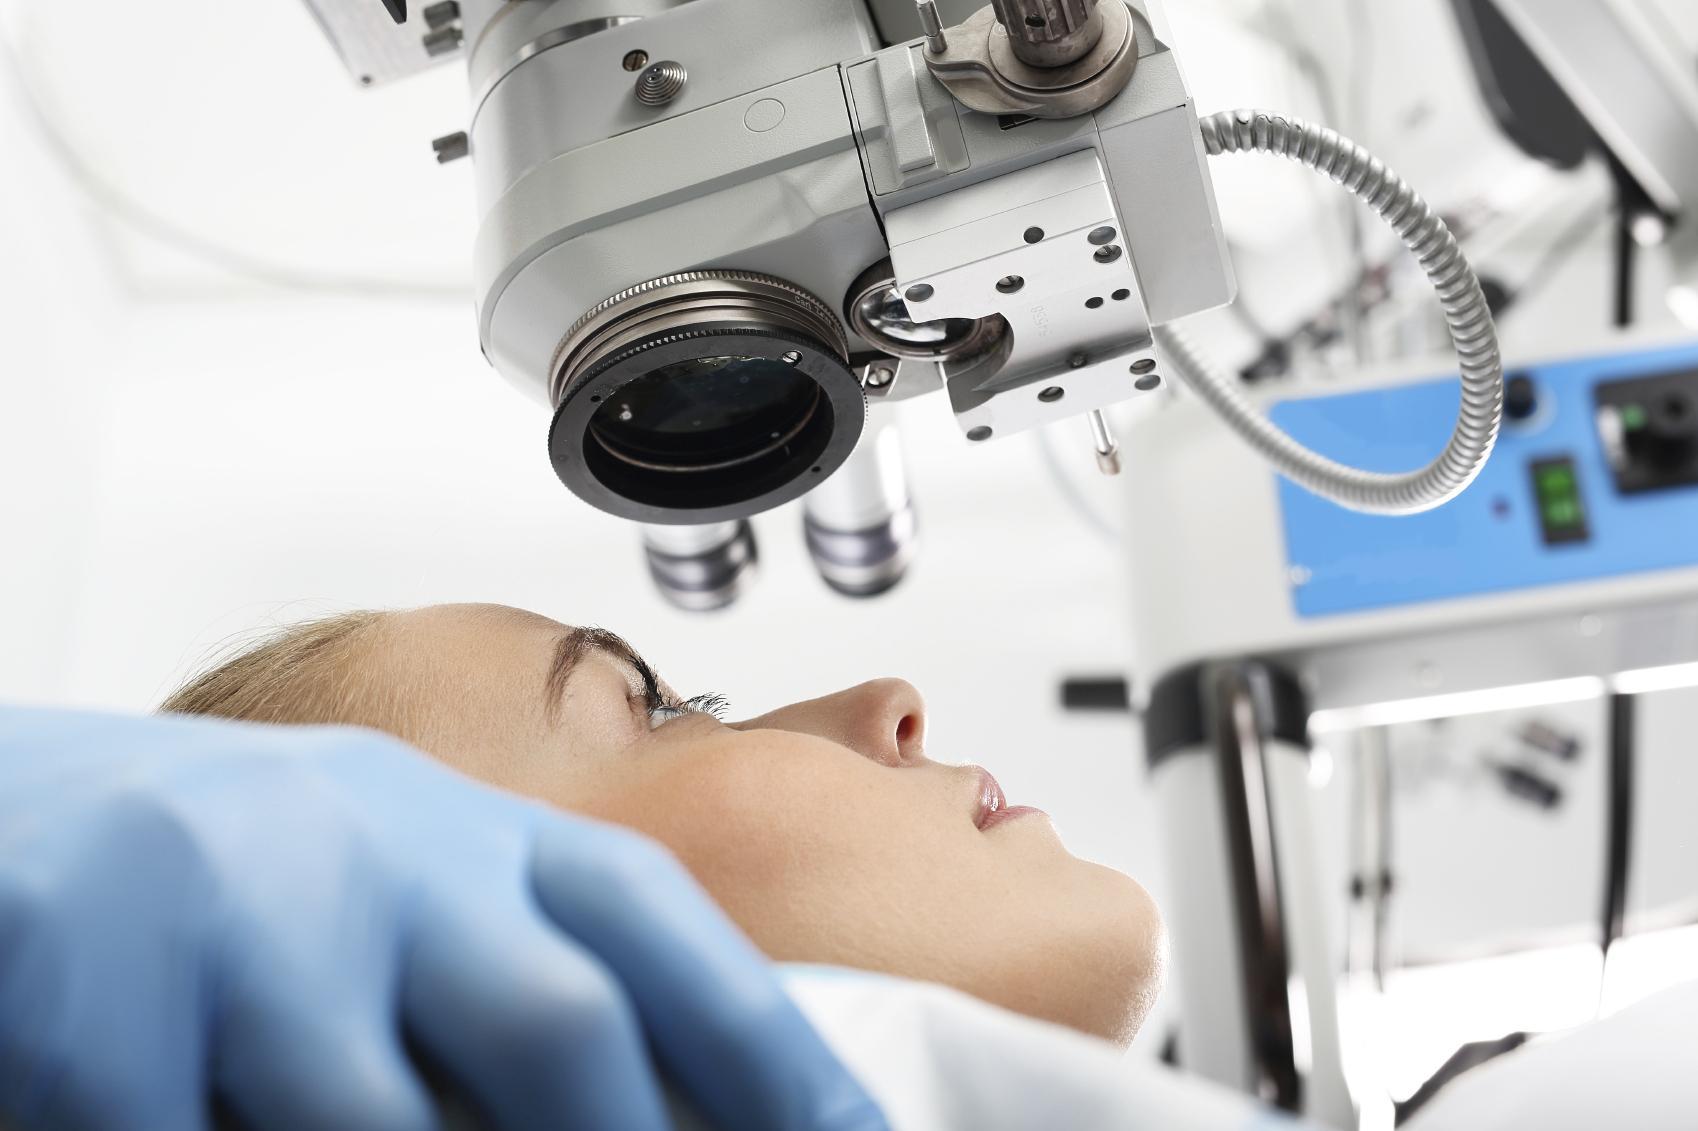 Mujer rubia de perfil en quirófano de cirugía refractiva